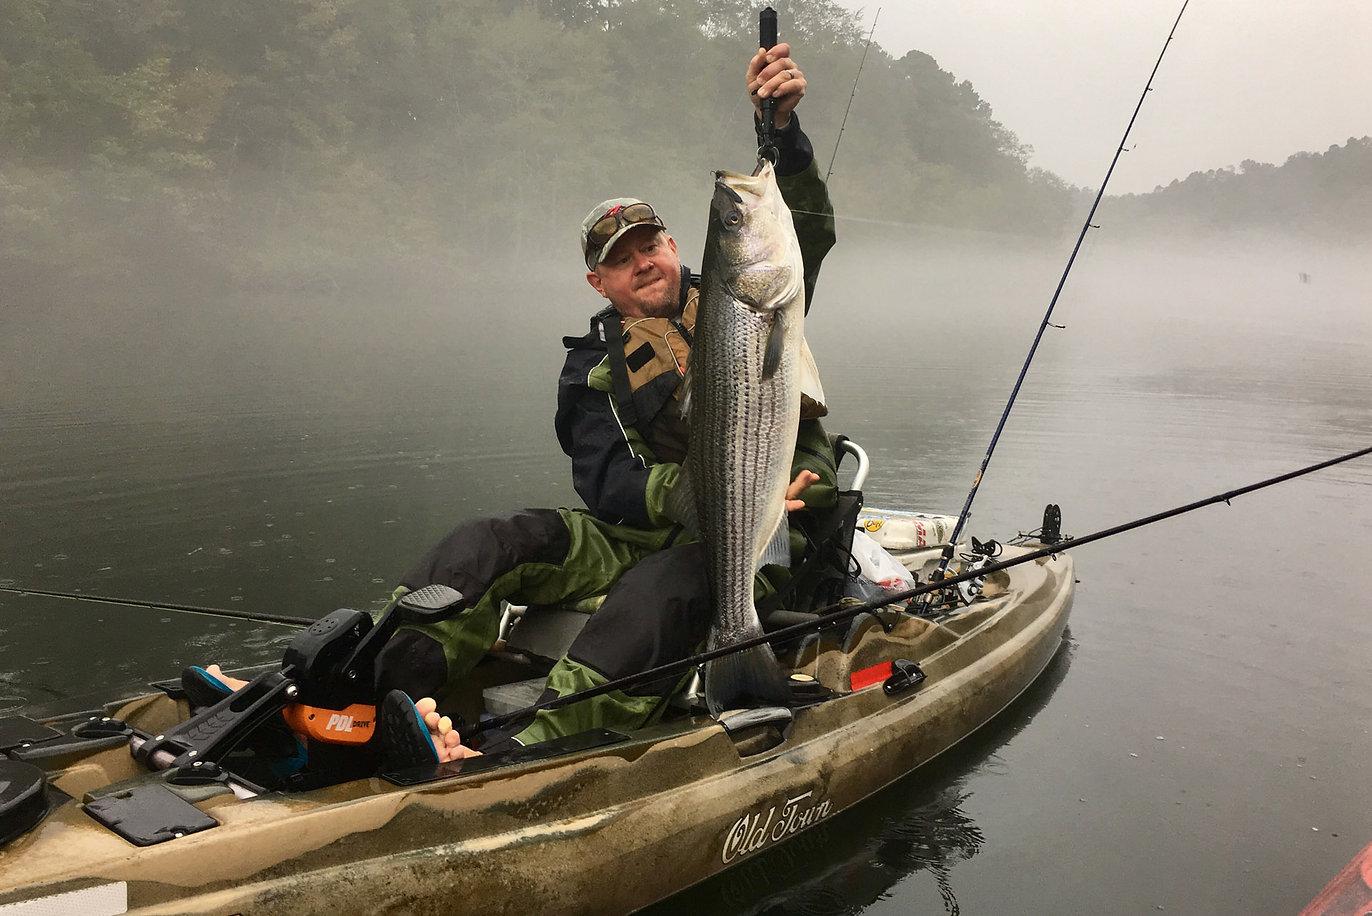 striped-bass-kayak-fishing.jpg